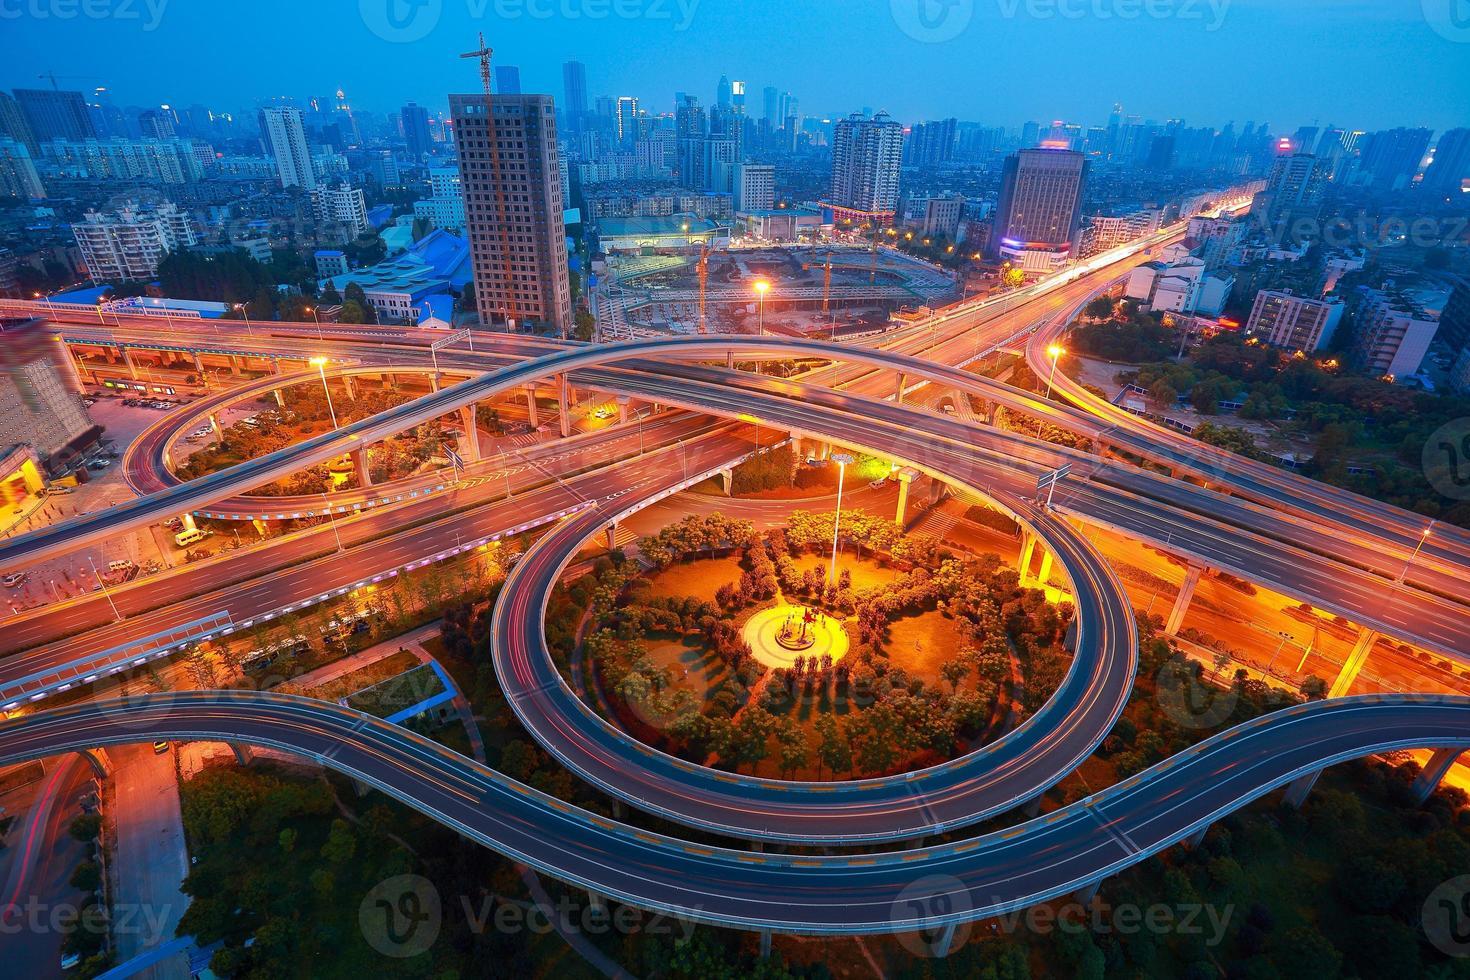 vista aérea da cidade viaduto estrada cena noturna foto